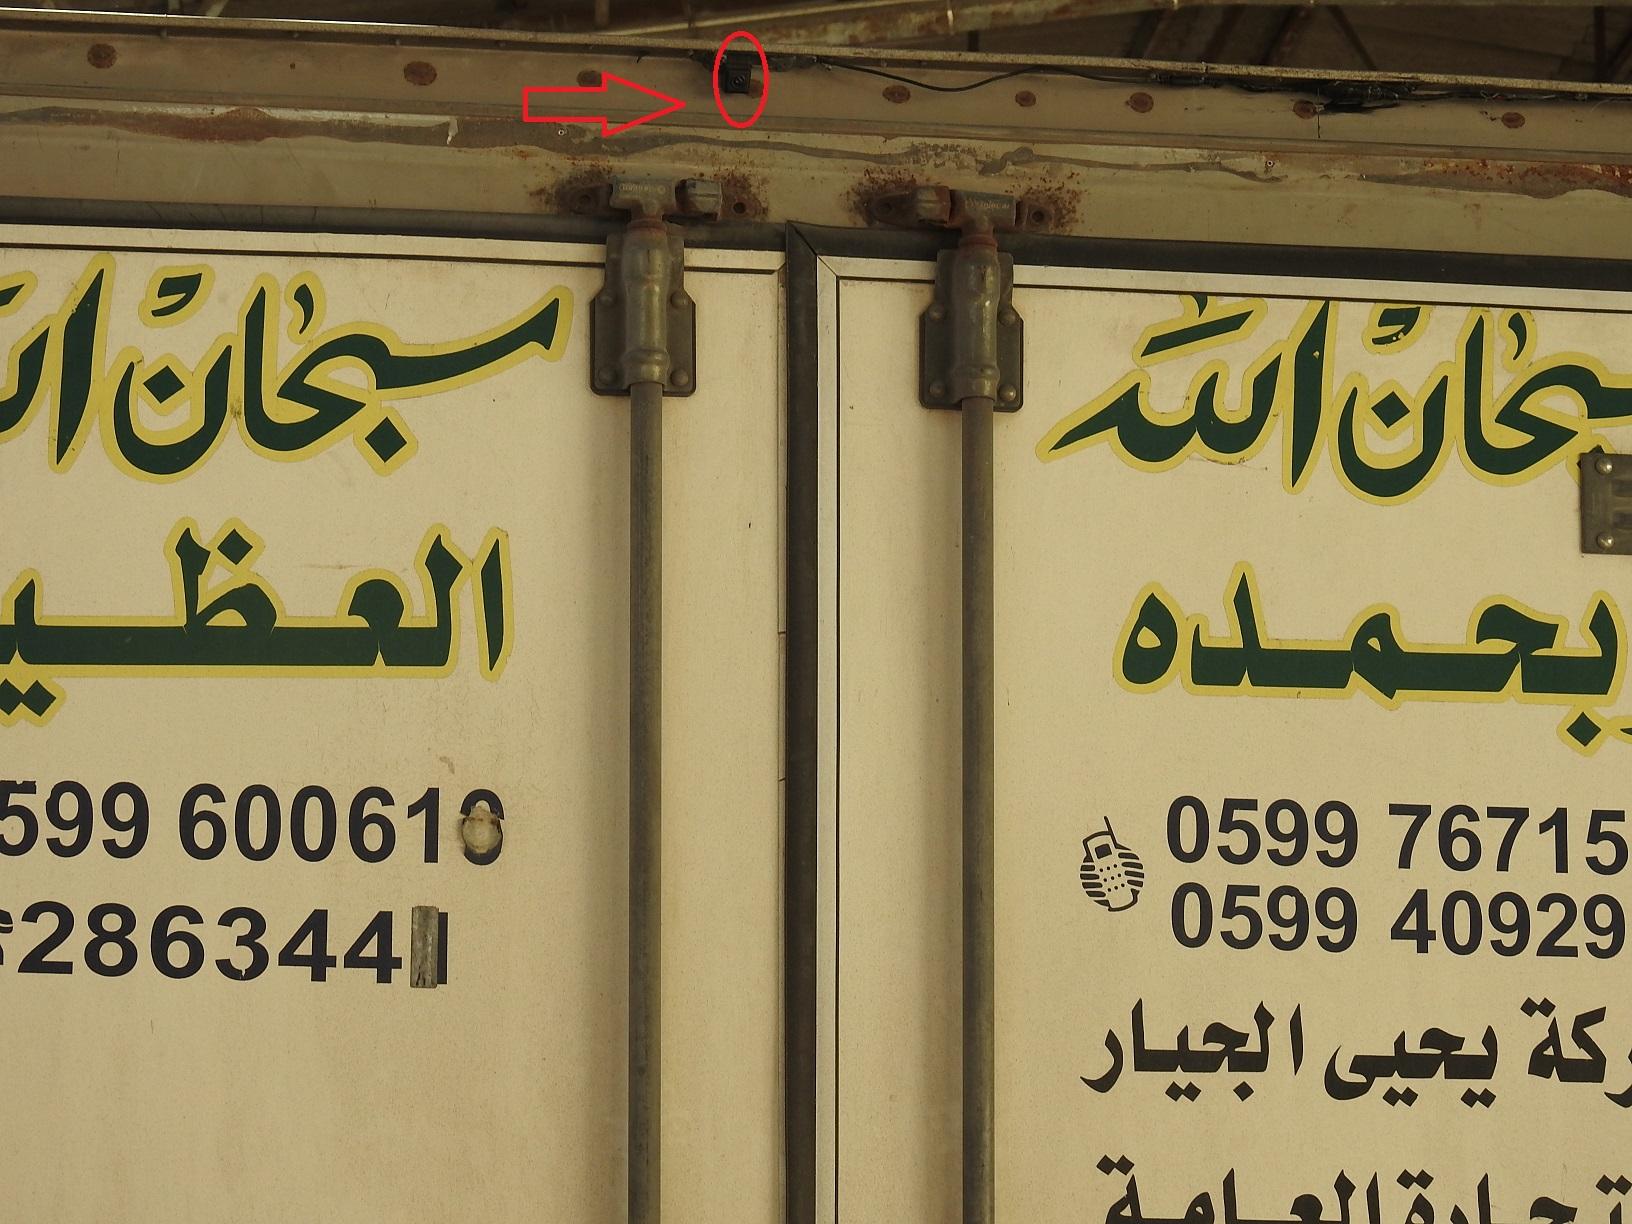 غزة: تركيب كاميرات للمركبات المغلقة وباصات رياض الأطفال